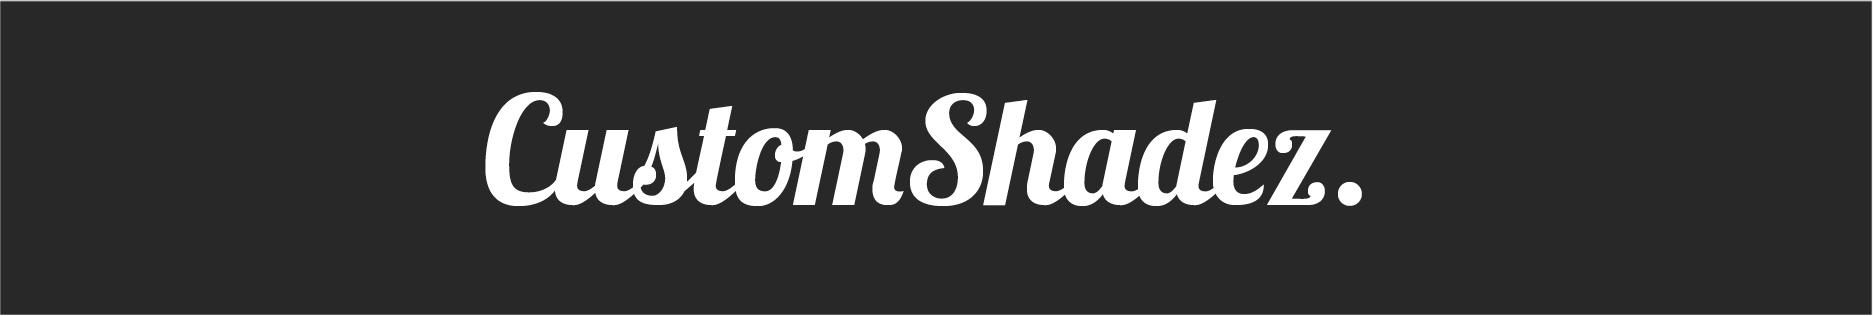 Custom Shadez logo